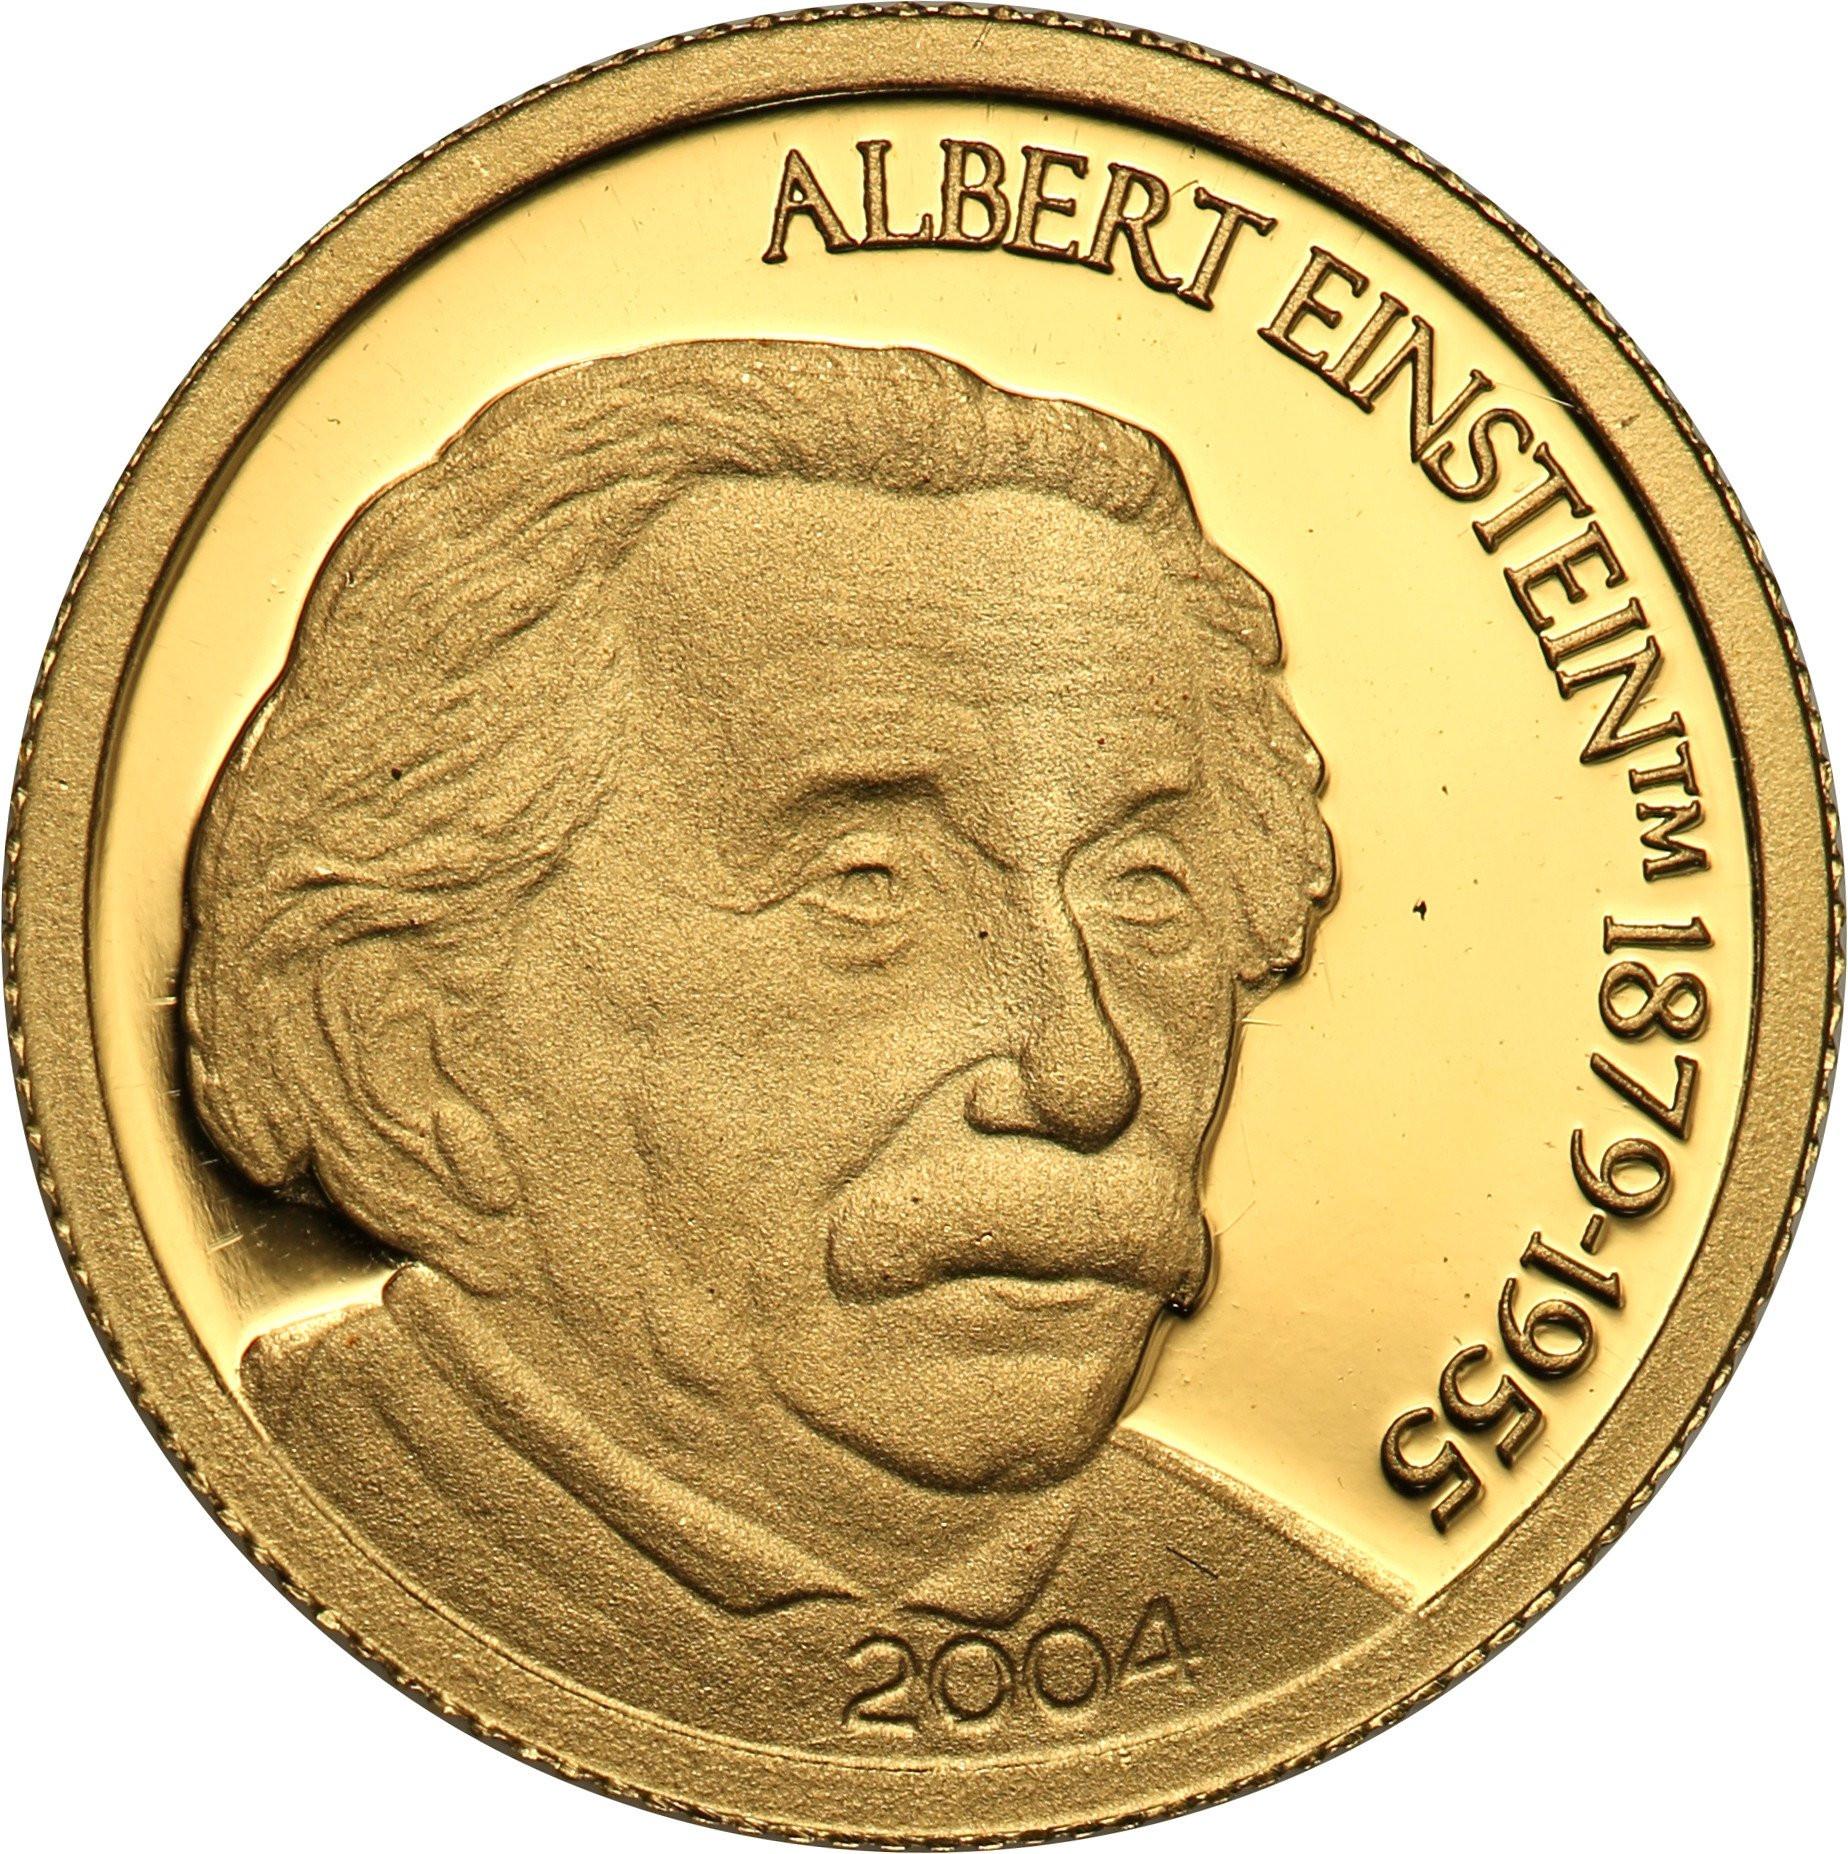 Mariany Północne. 5 dolarów 2004 Albert Einstein